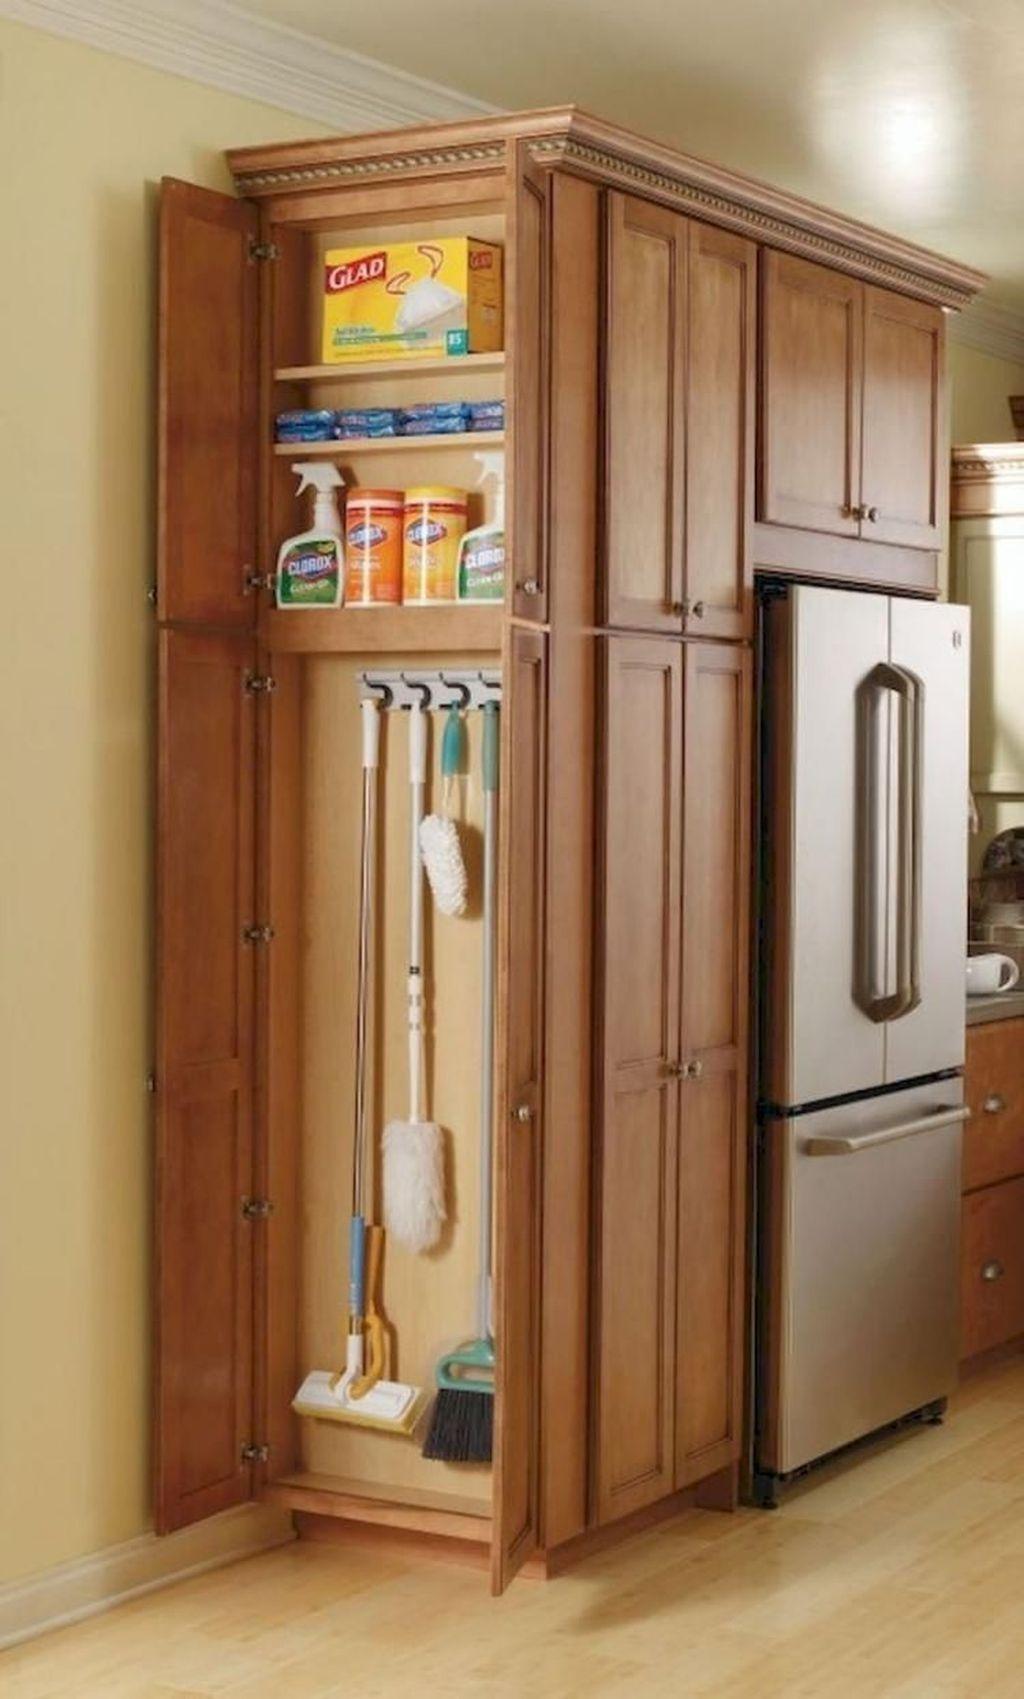 47 Gorgeous Farmhouse Kitchen Storage Inspiration Ideas #kitchenremodel